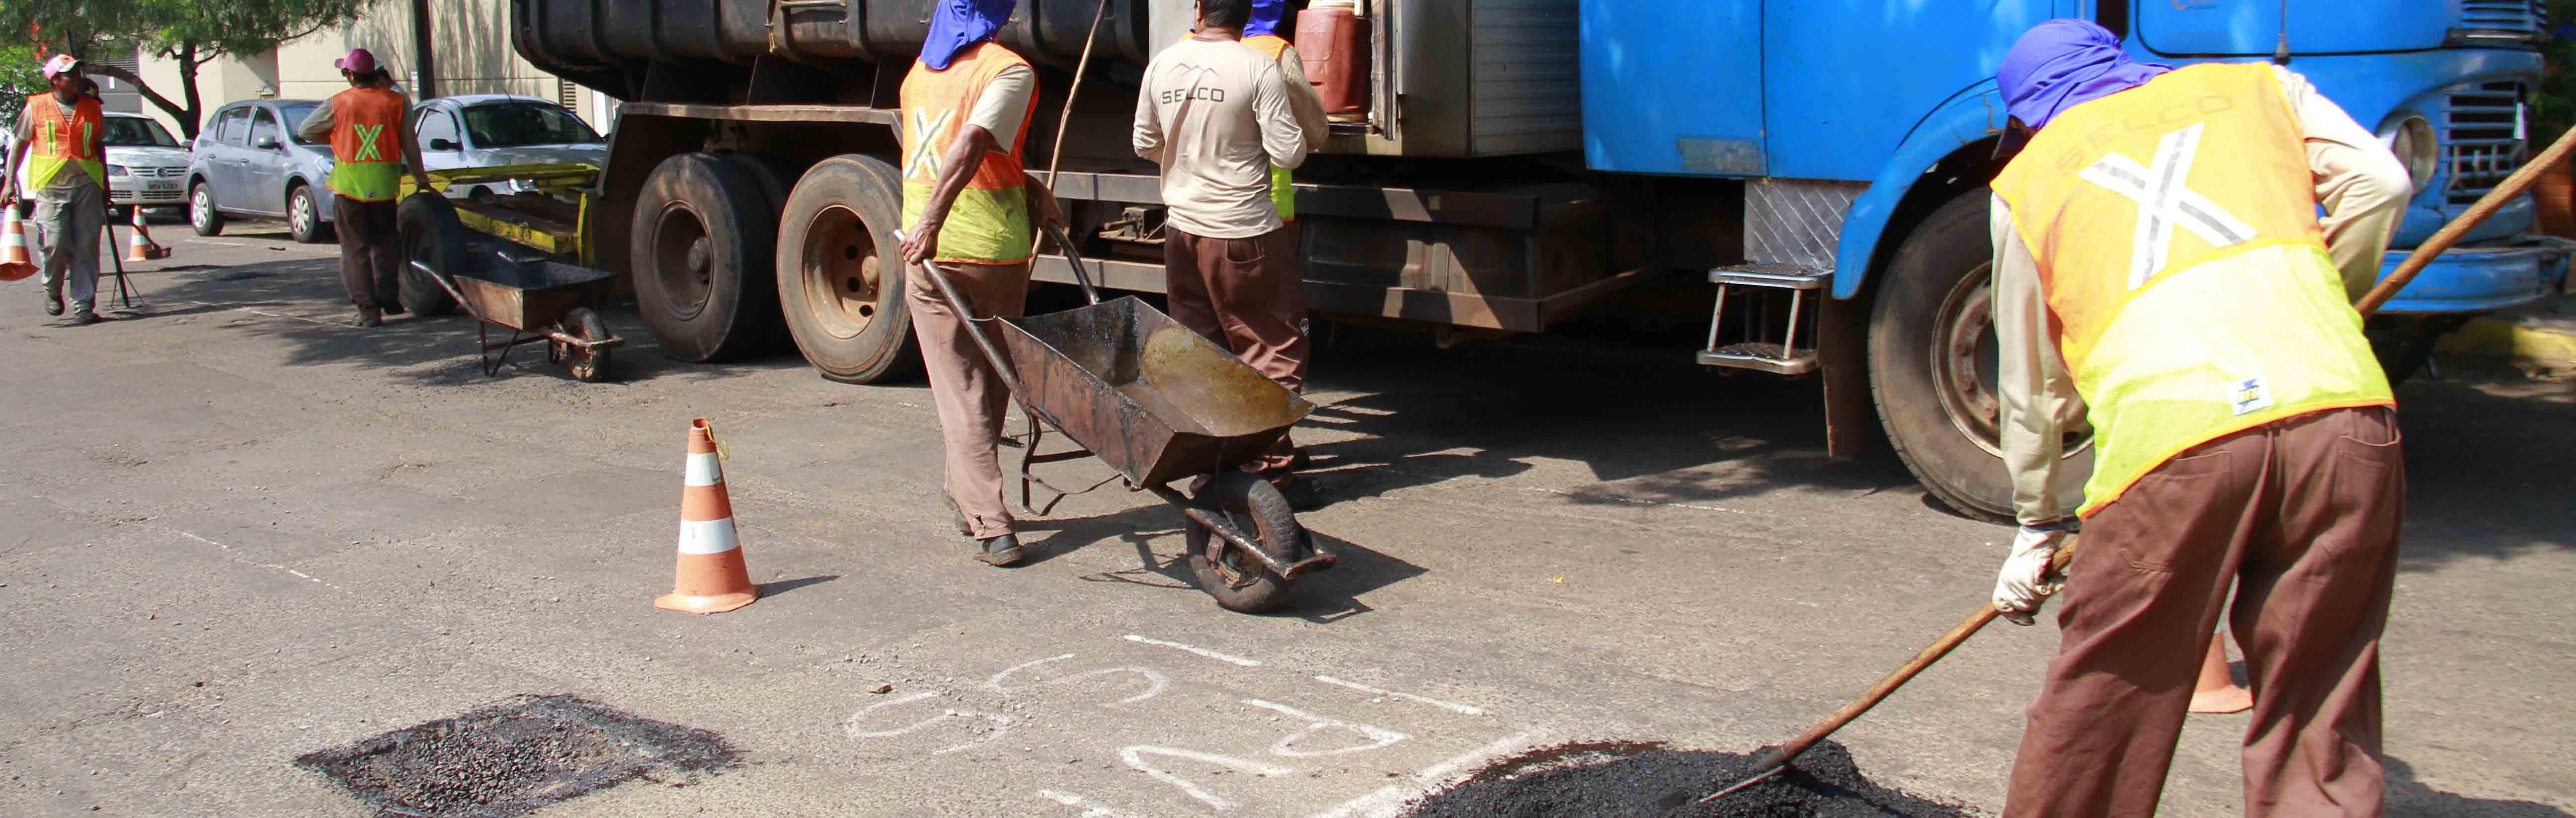 Empresa do buraco fantasma 'dá calote' em trabalhadores e não paga rescisão contratual